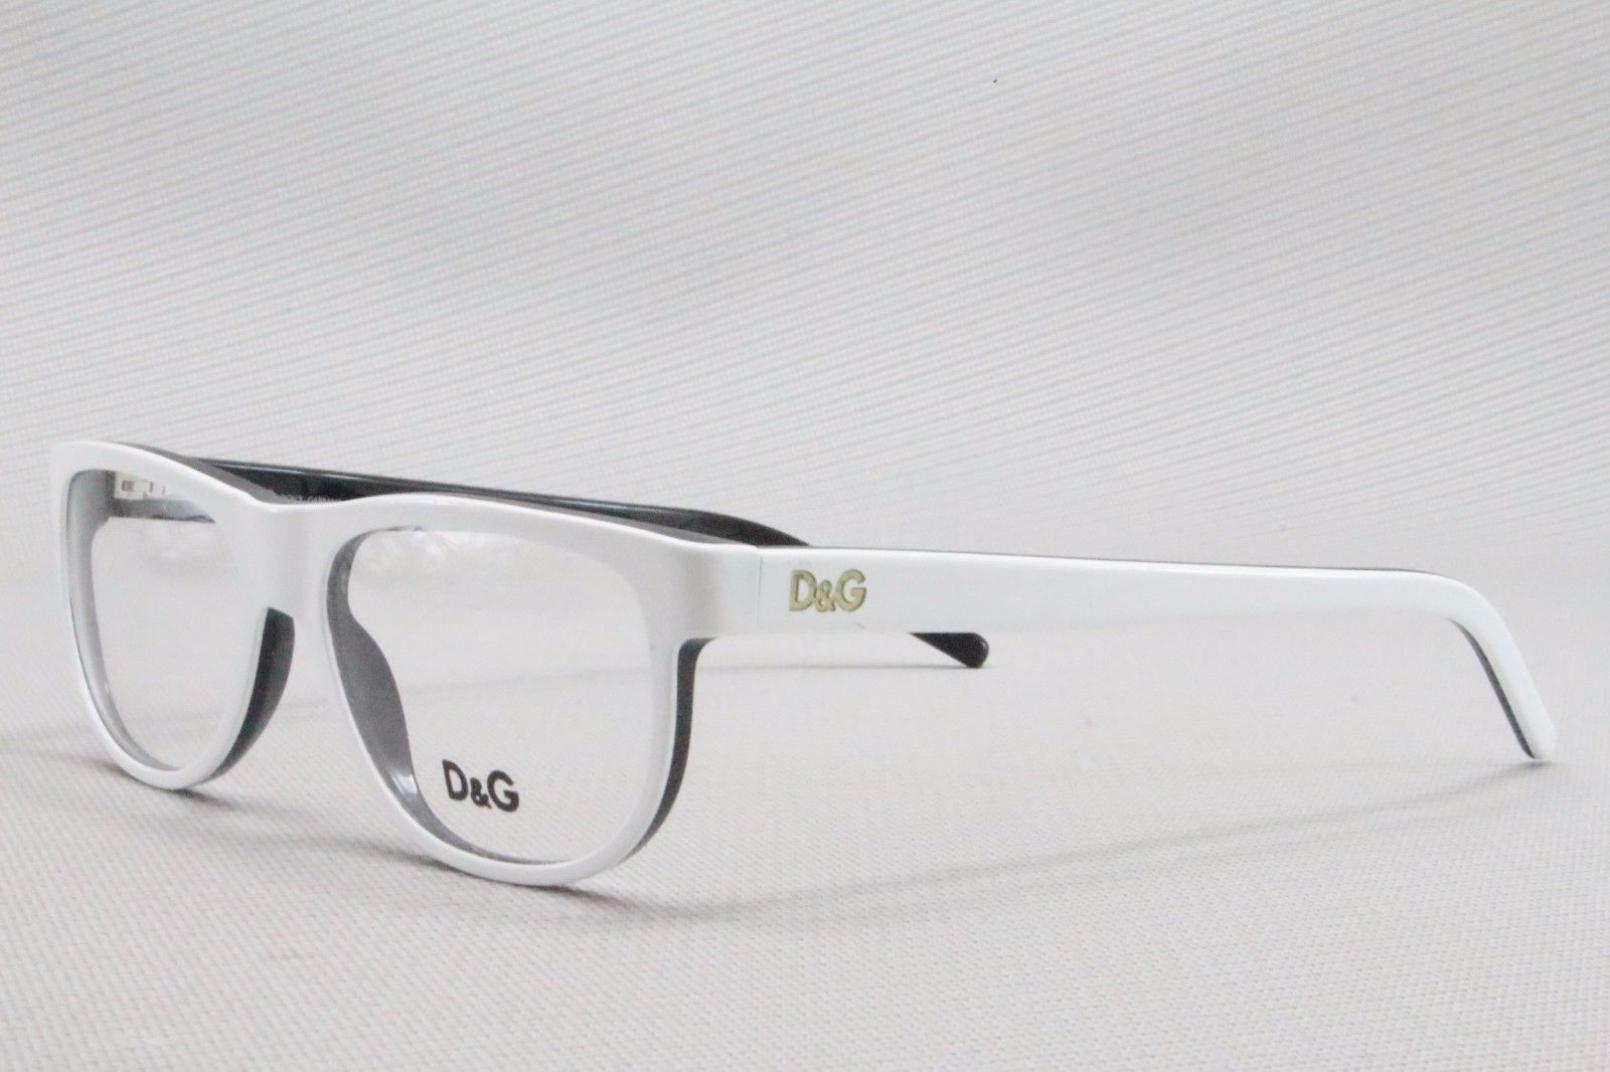 D&G 1151 783